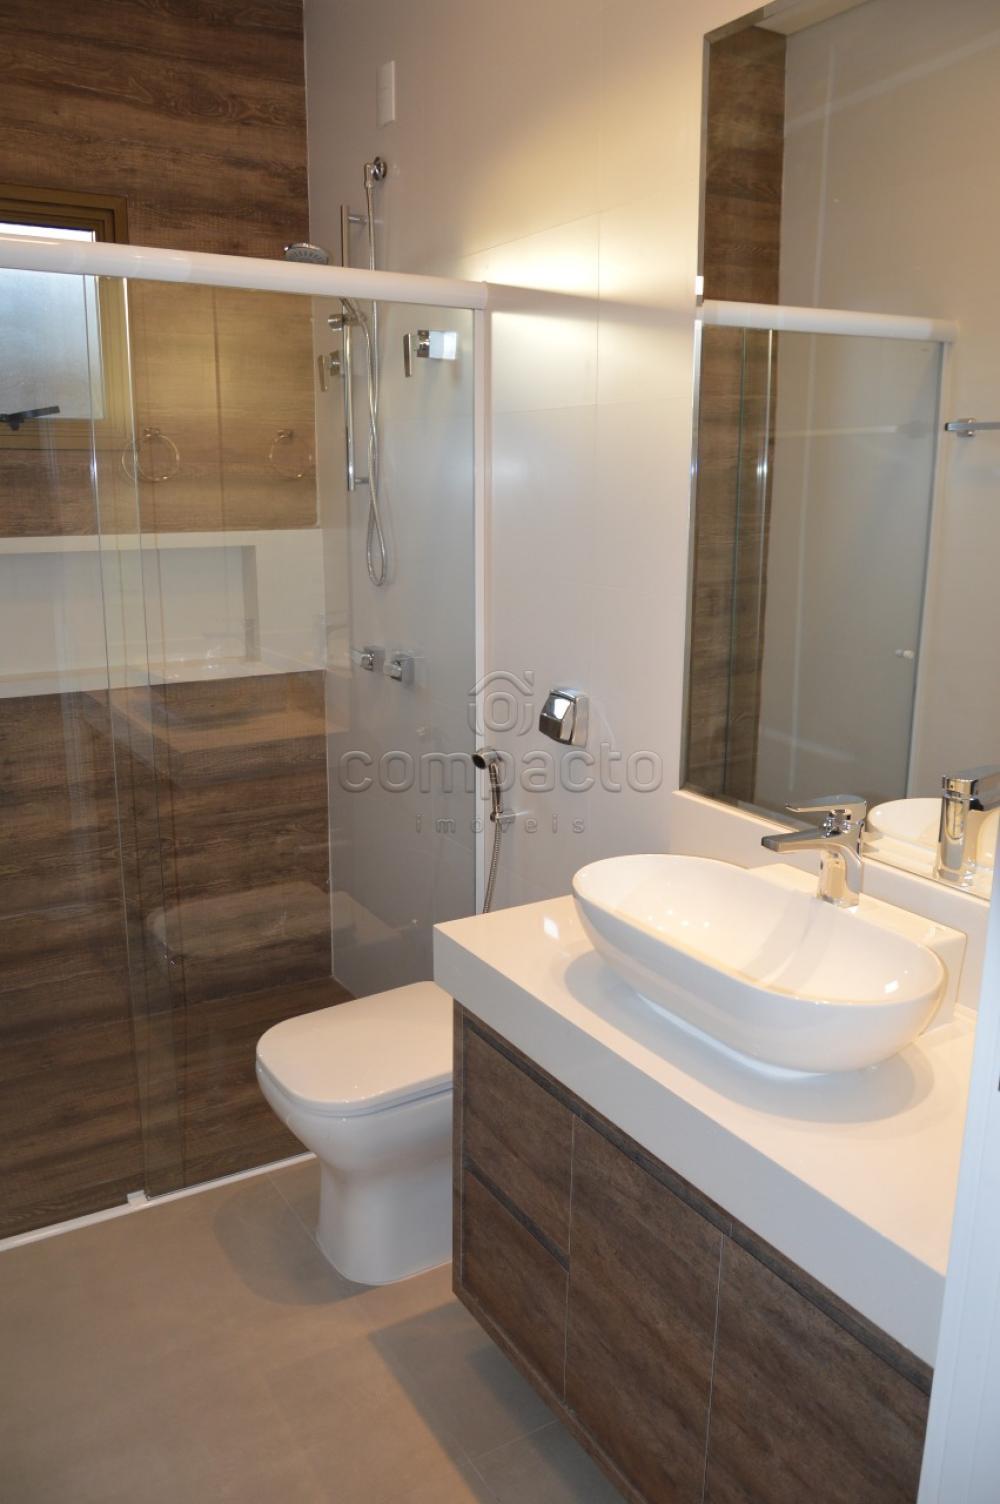 Comprar Casa / Condomínio em Mirassol apenas R$ 1.900.000,00 - Foto 21